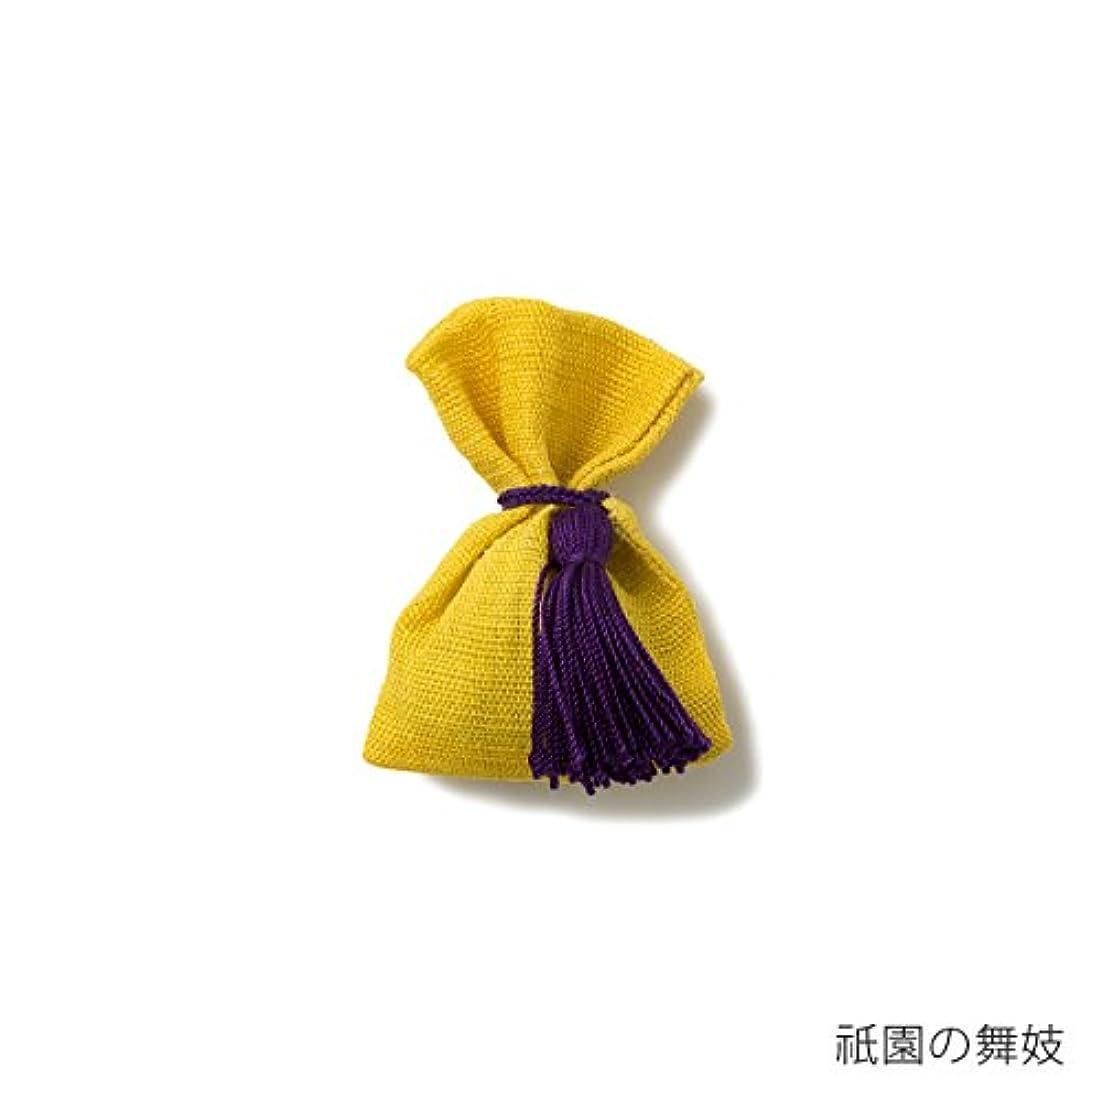 社会主義者丁寧銀河【薫玉堂】 京の香り 香袋 祇園の舞妓